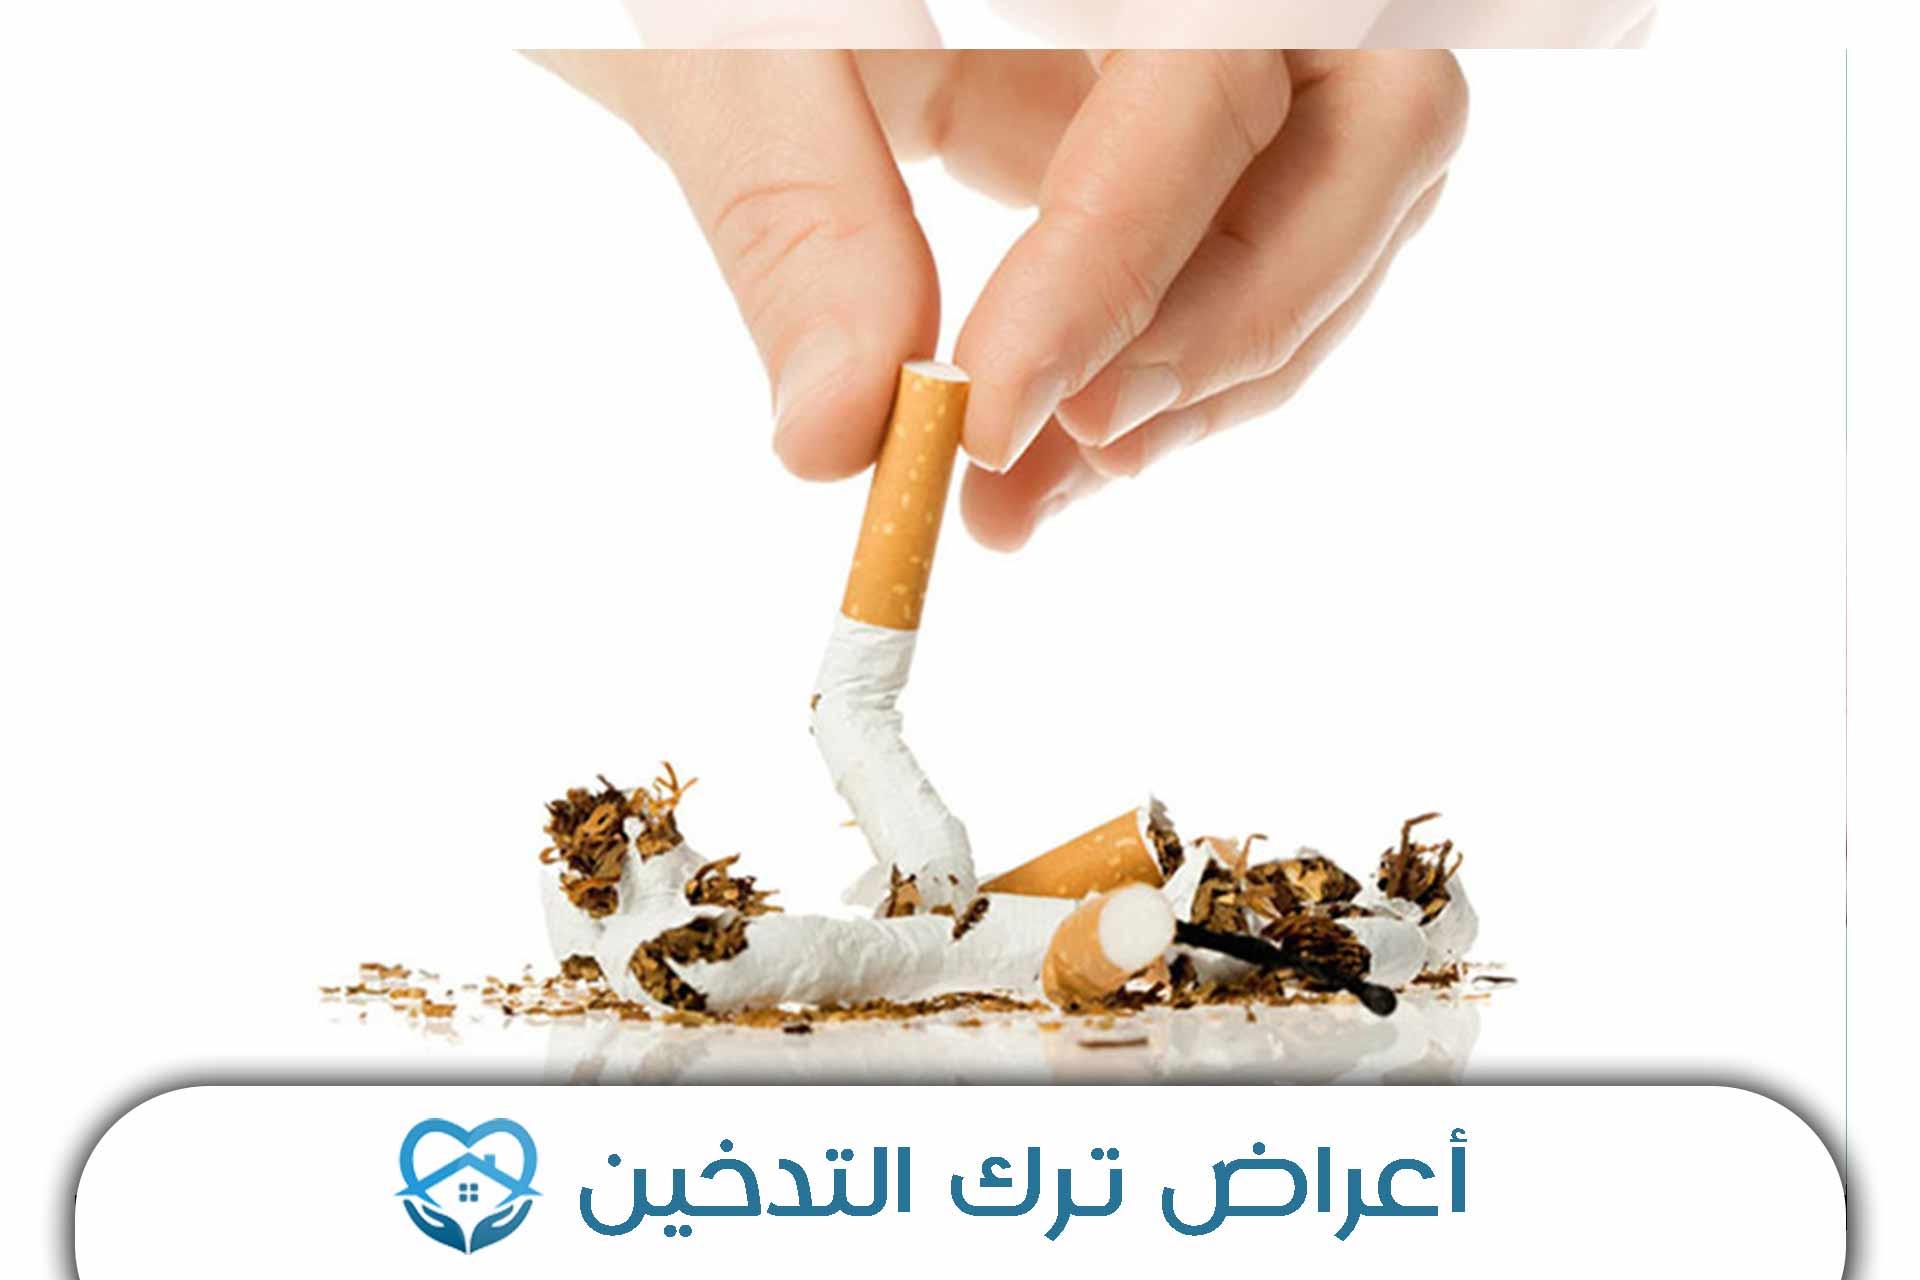 أعراض ترك التدخين